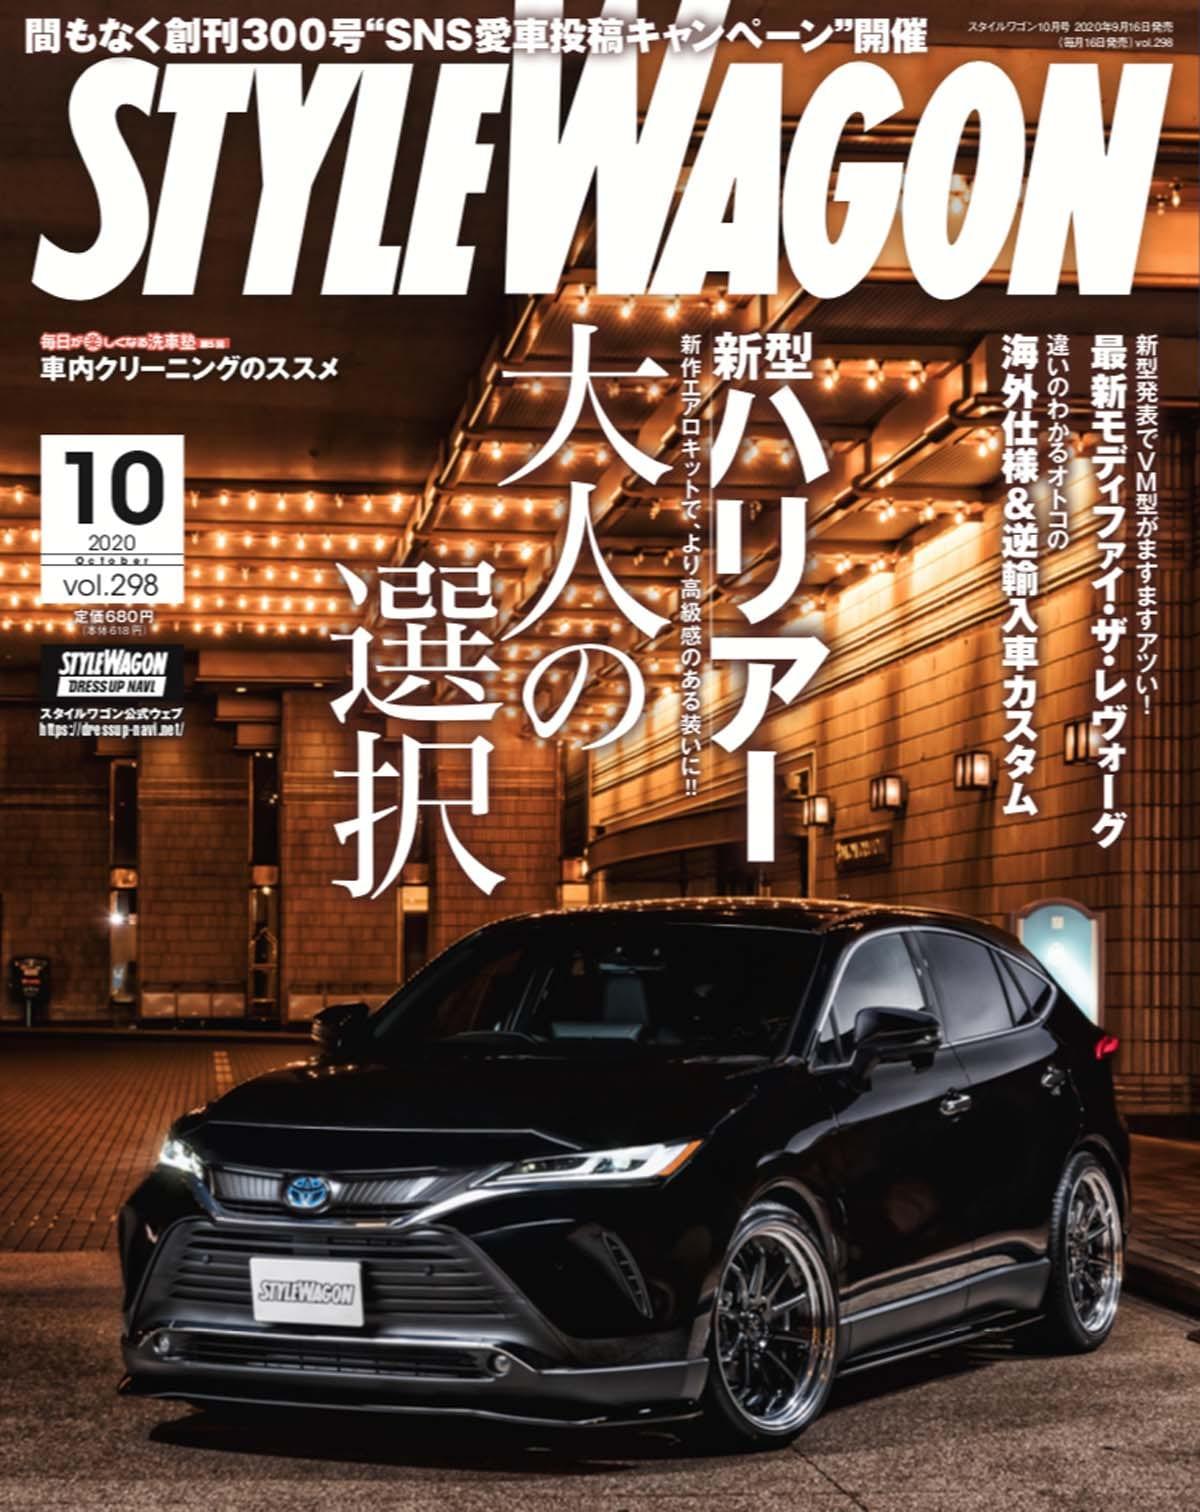 スタイルワゴン最新号2020年10月号は9月16日発売!【新型ハリアーの最新カスタム情報満載でお届け!】